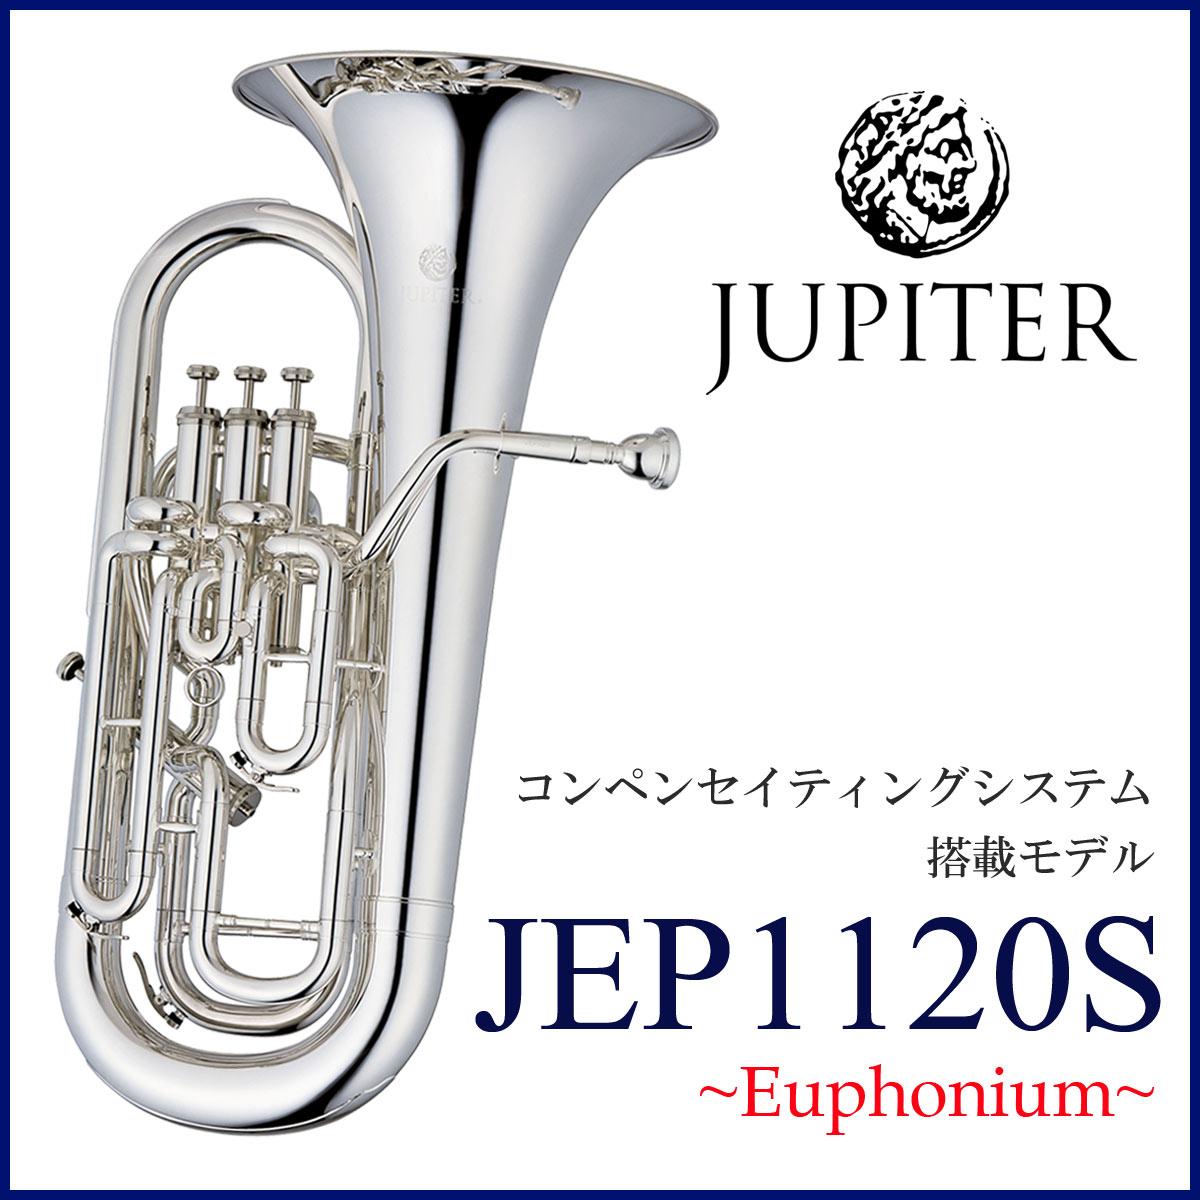 JUPITER / JEP-1120S ジュピター Euphonium ユーフォニアム コンペンセインティングシステム シルバーメッキ仕上げ B♭ 4本ピストン 《お取り寄せ》